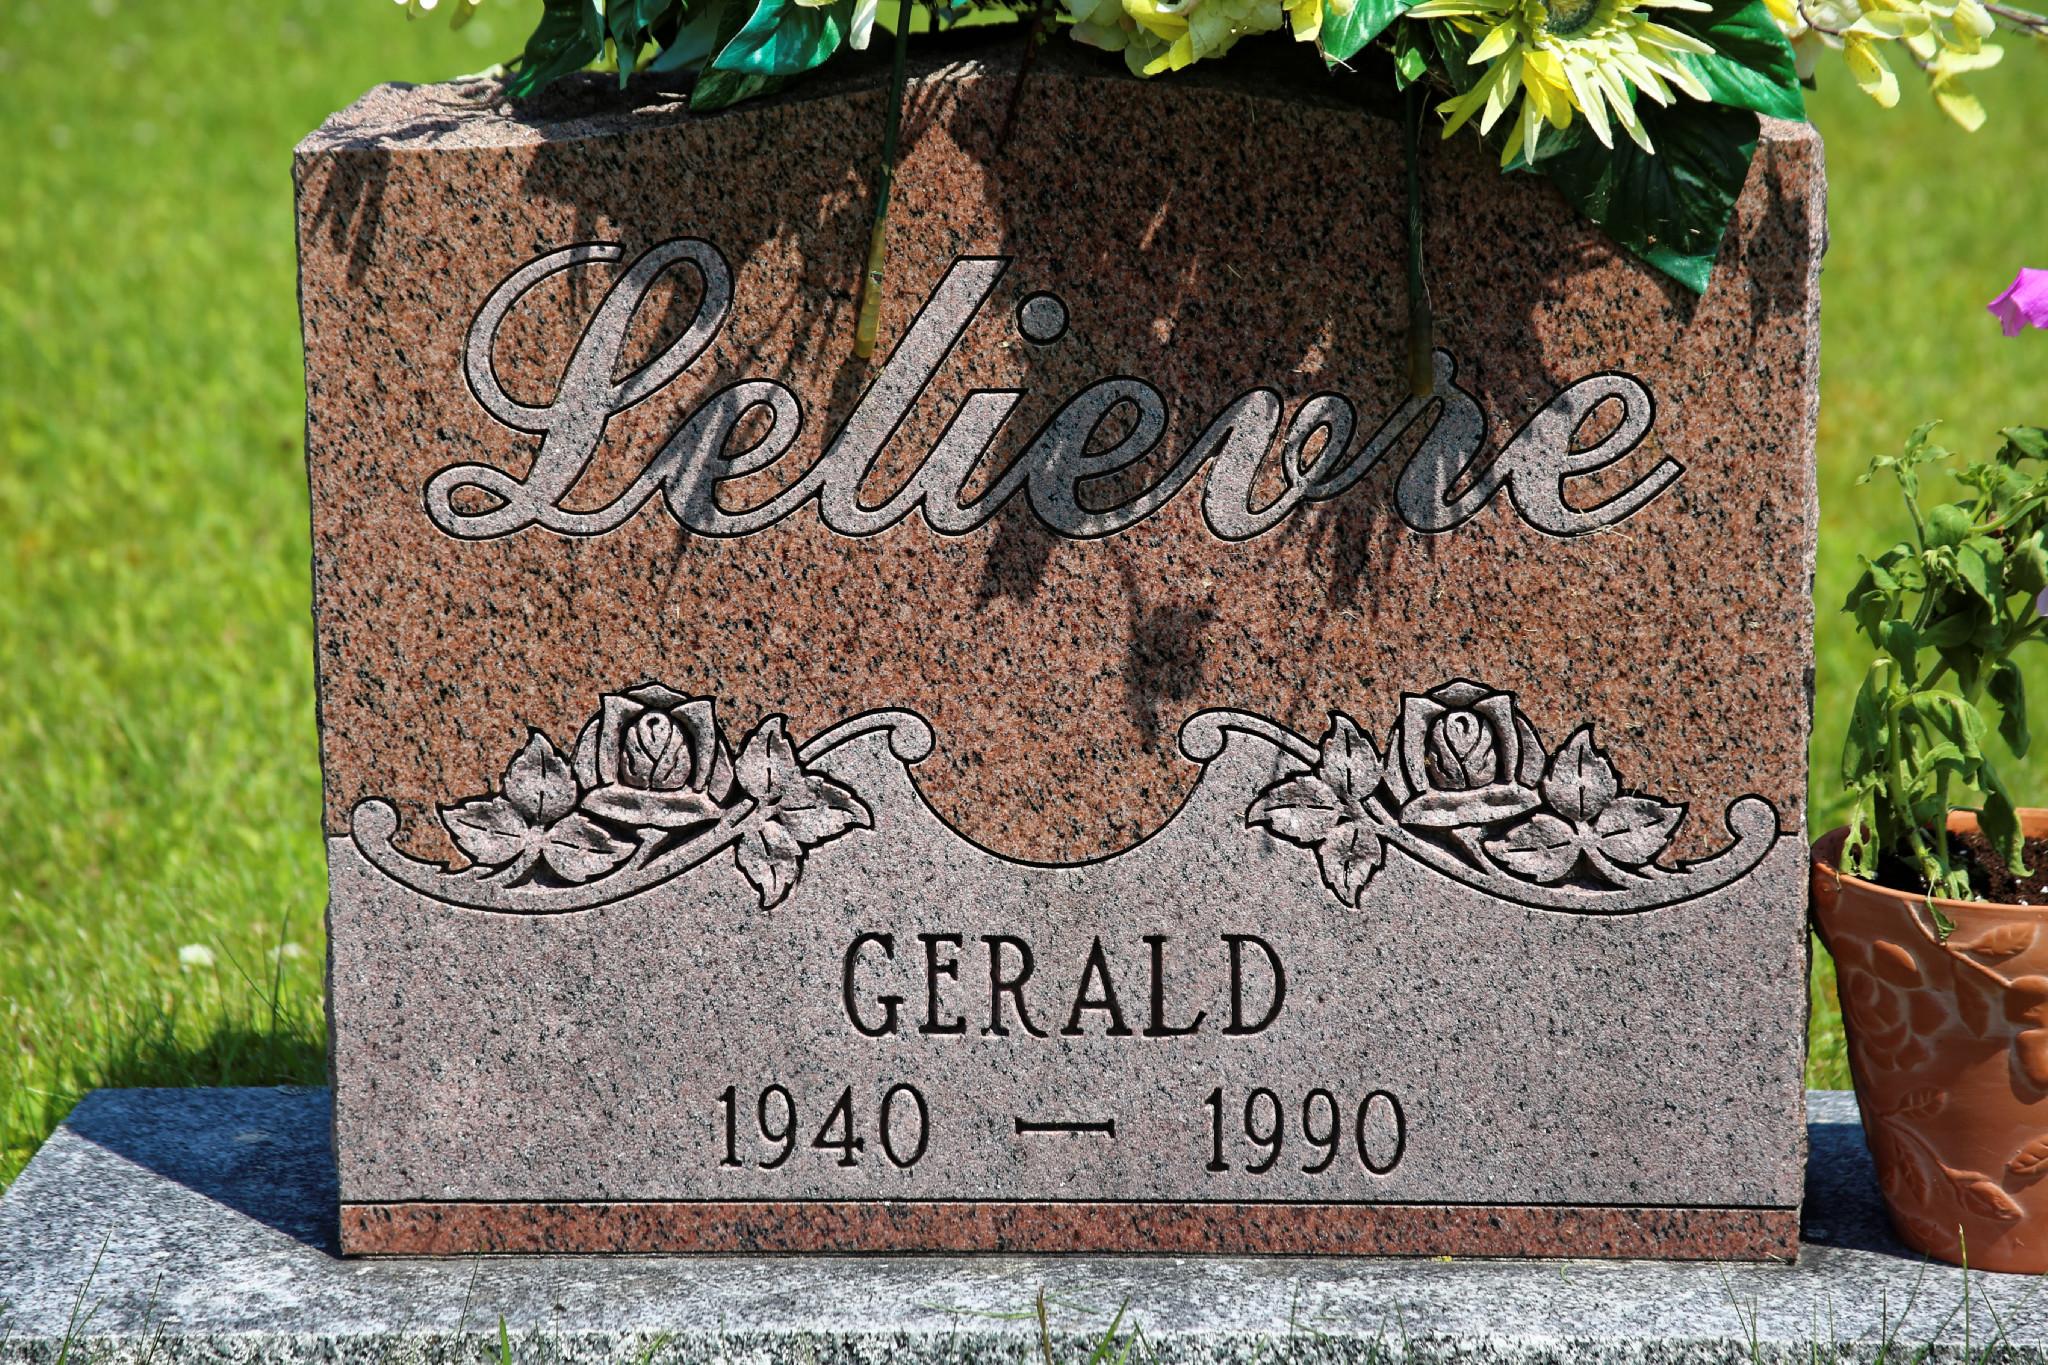 Gérald Lelièvre